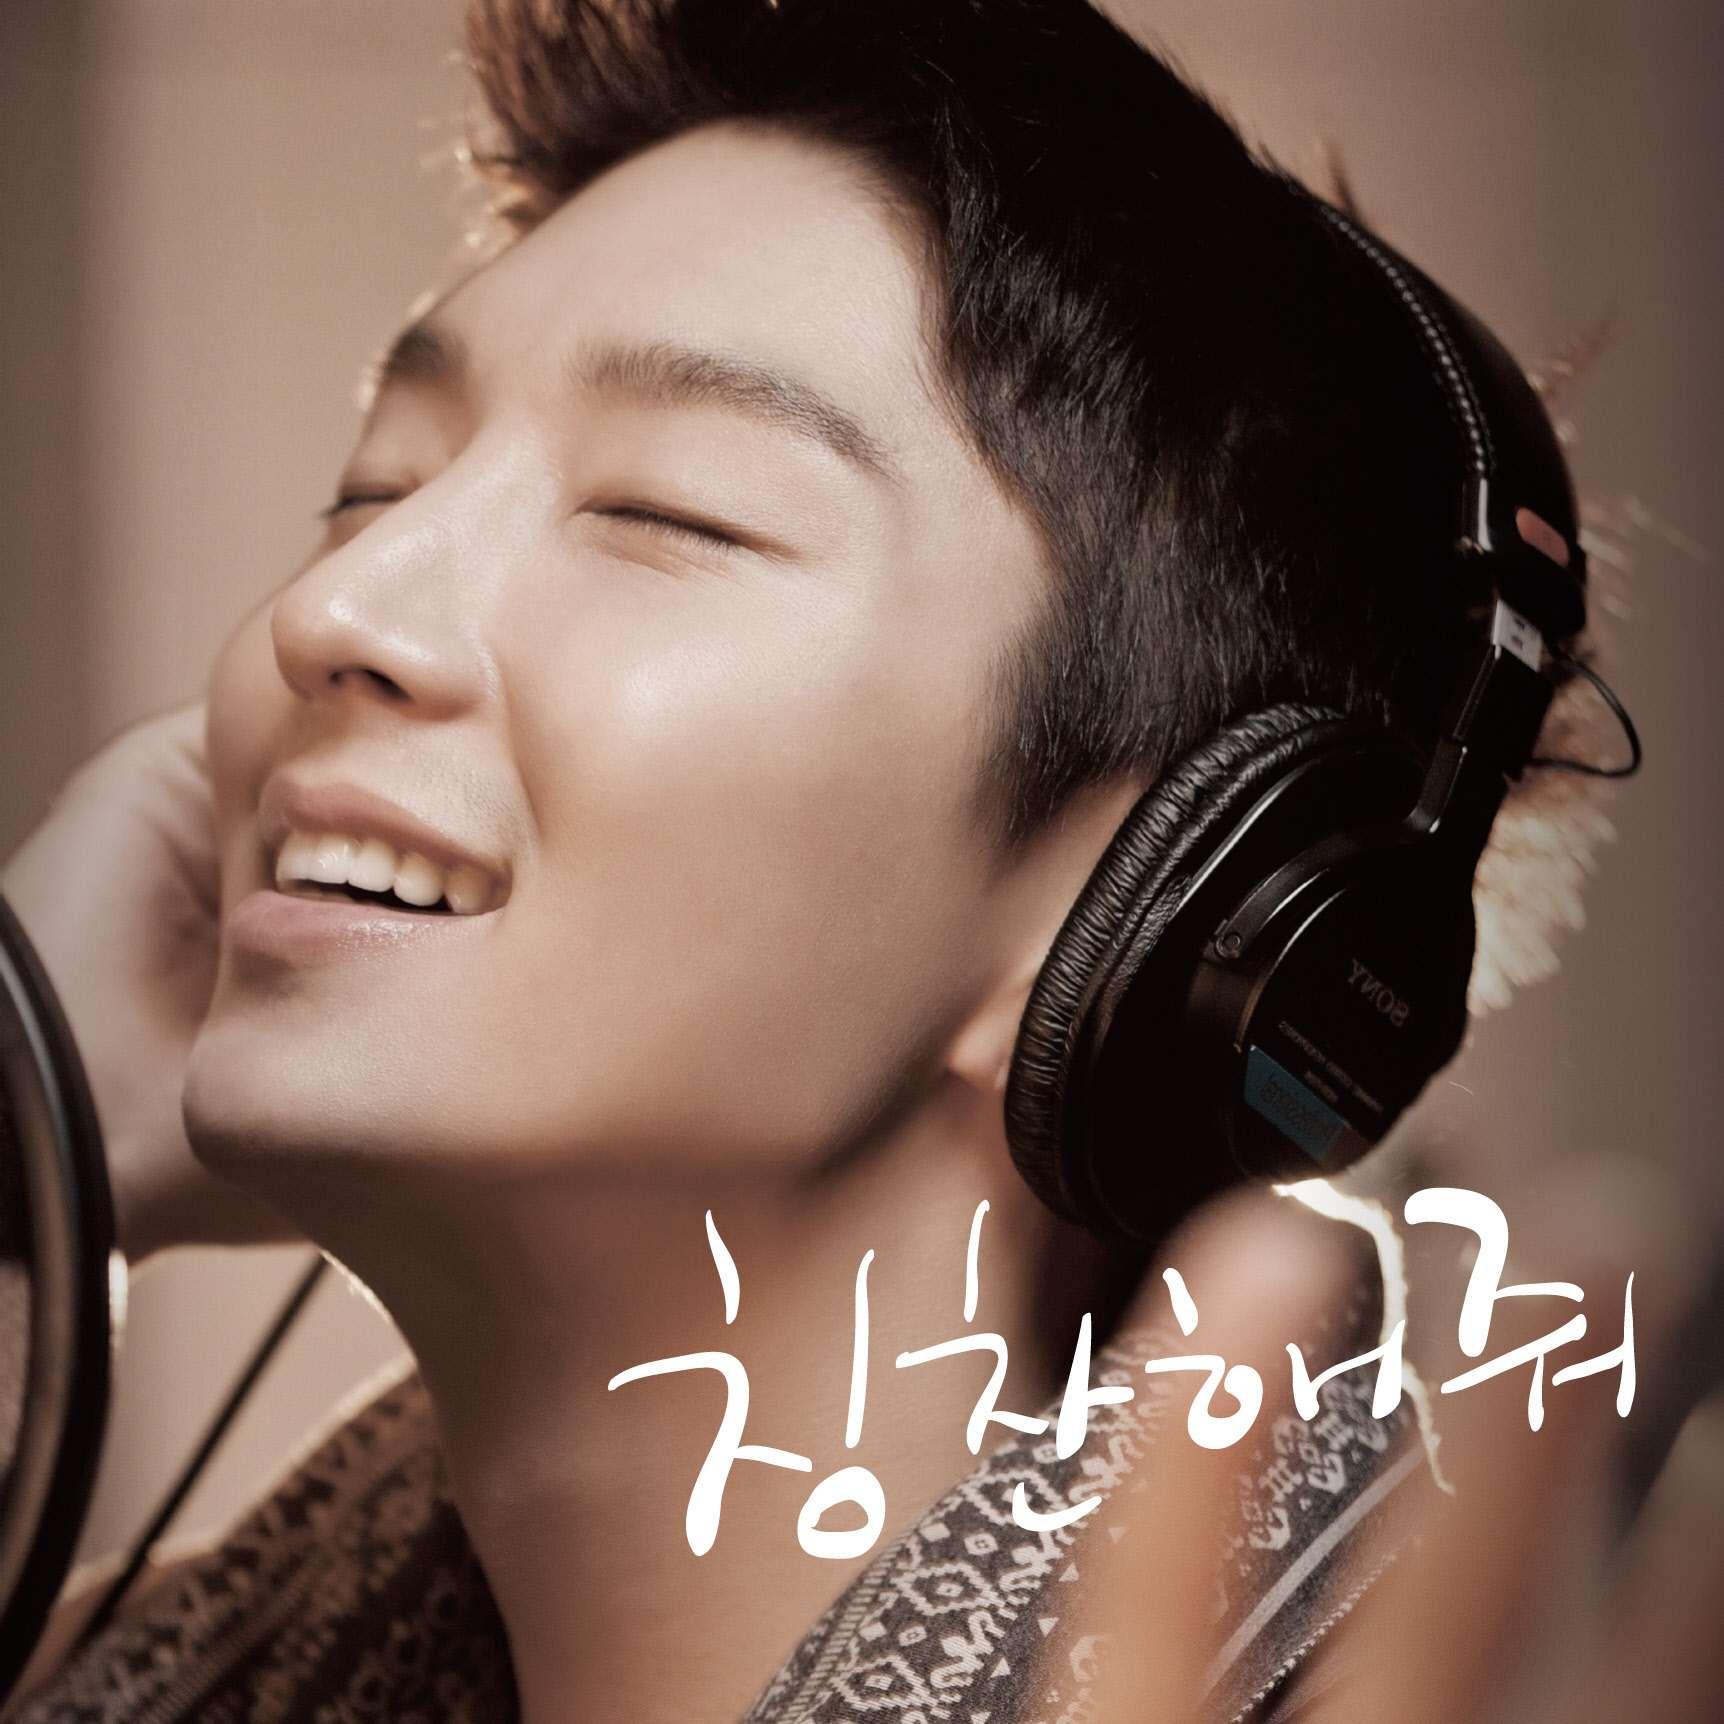 [Mini Album] Lee Jun Ki - Compliment